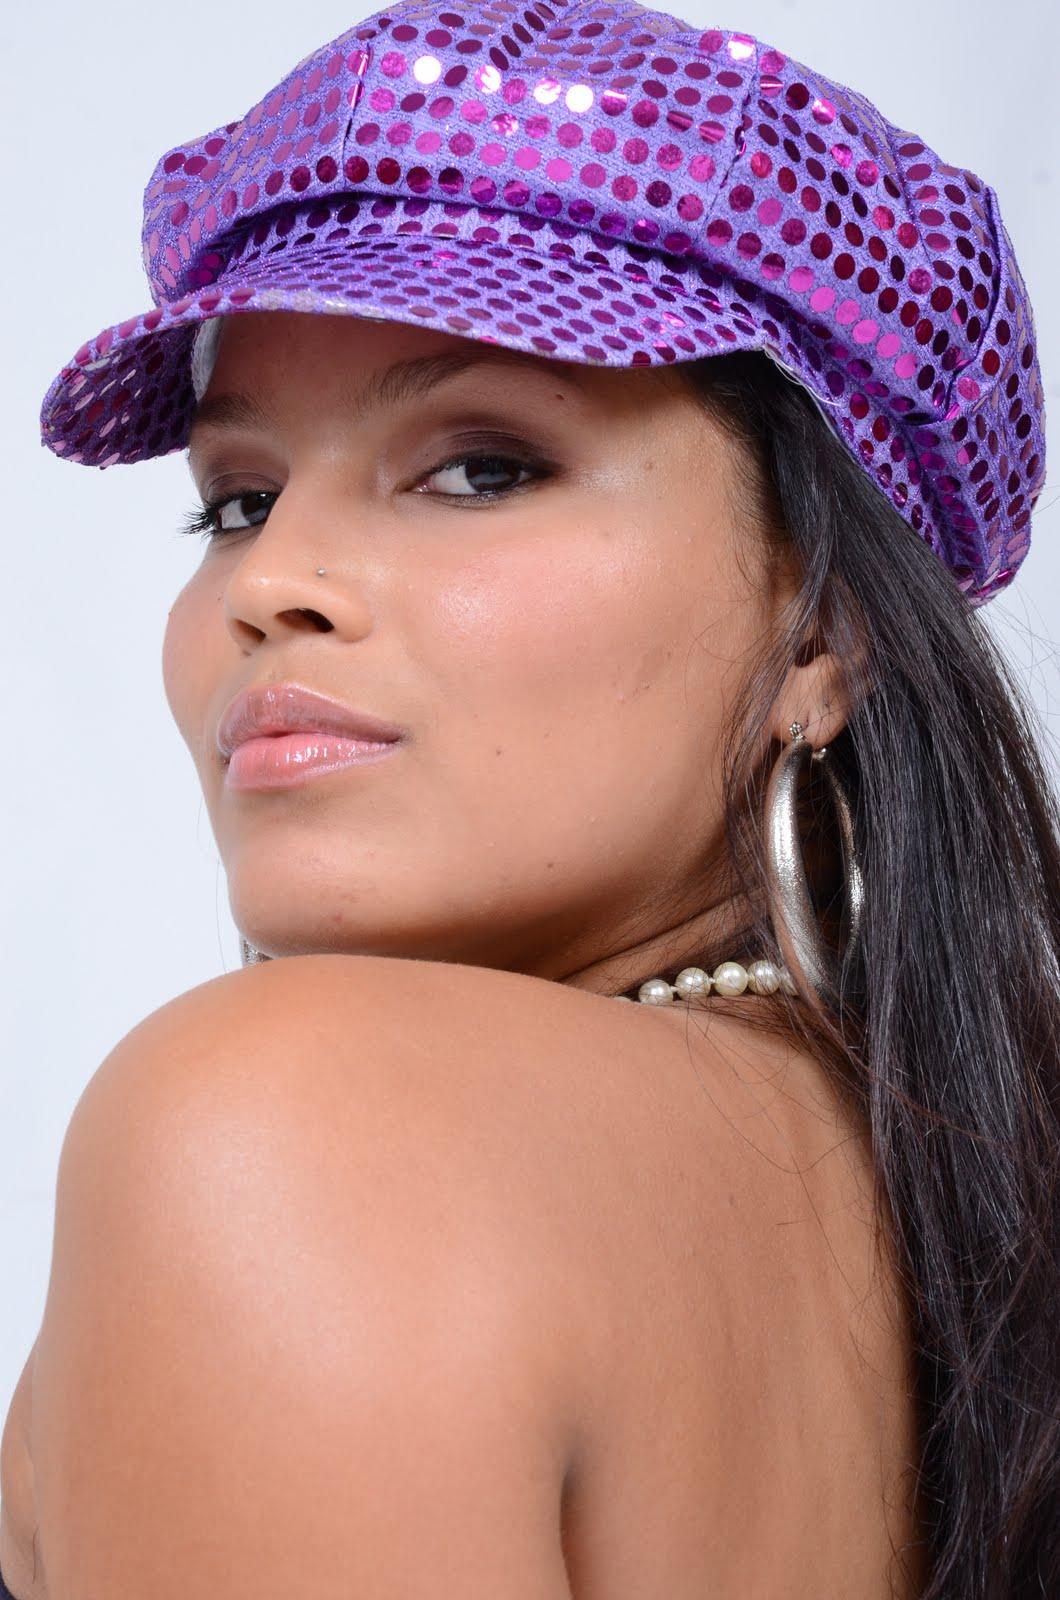 http://4.bp.blogspot.com/-UkjXi6wzvBk/TbMDOVgtR1I/AAAAAAAACE4/7tBHNppGphI/s1600/Jaque%2B1.jpg